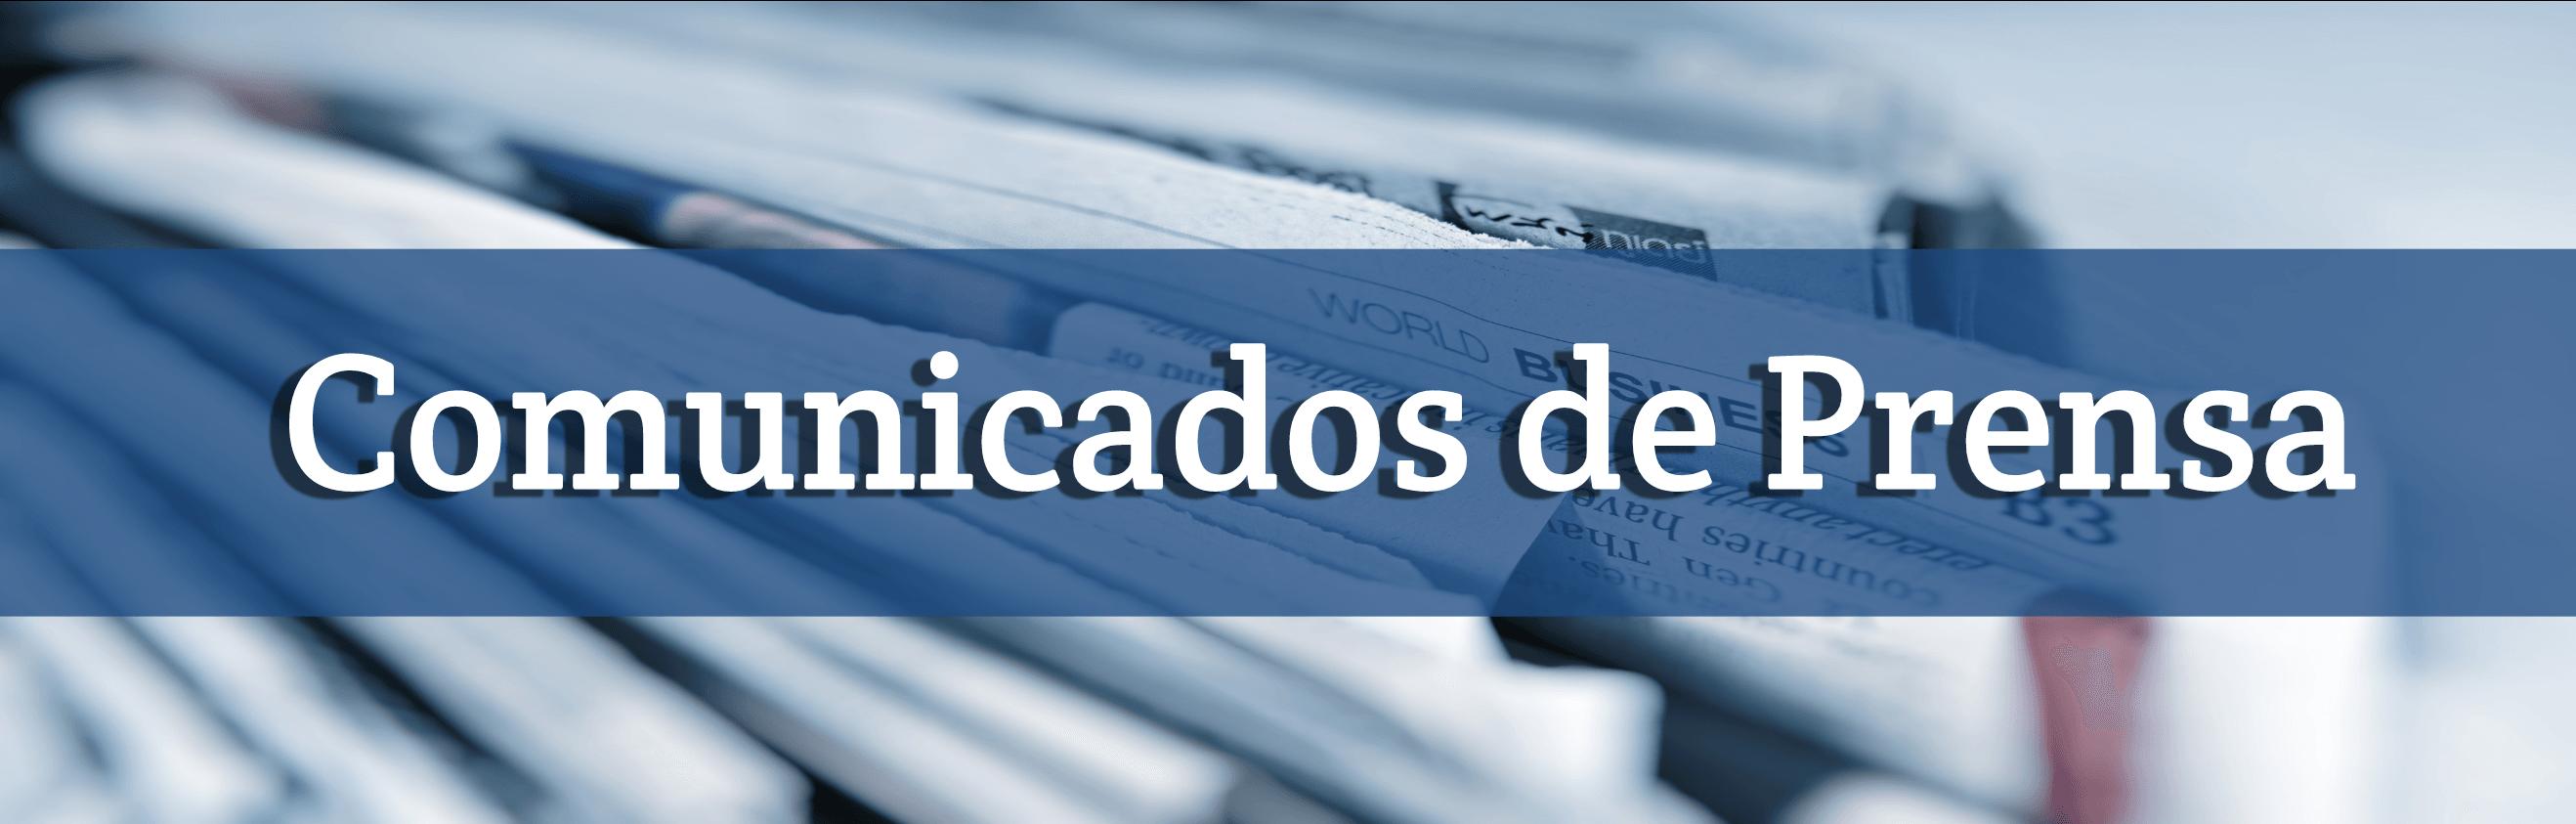 Comunicados-de-Prensa-e1540568760529-compressor